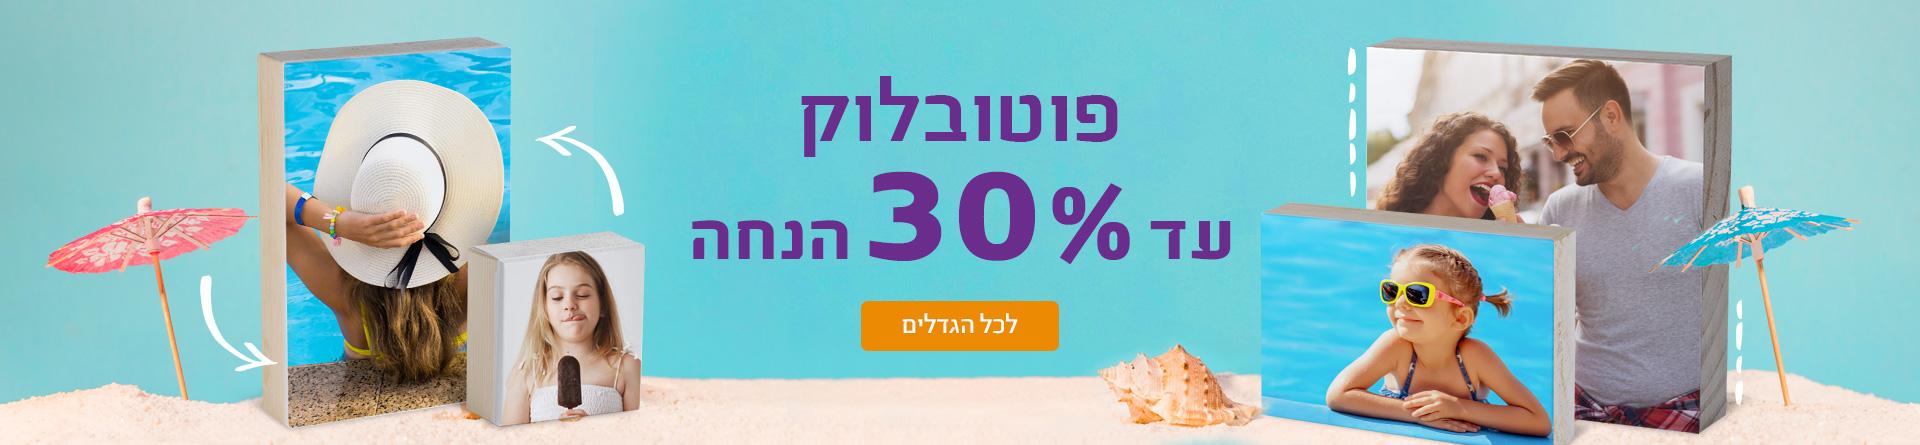 פוטובלוק עד 30% הנחה- יולי 1.7